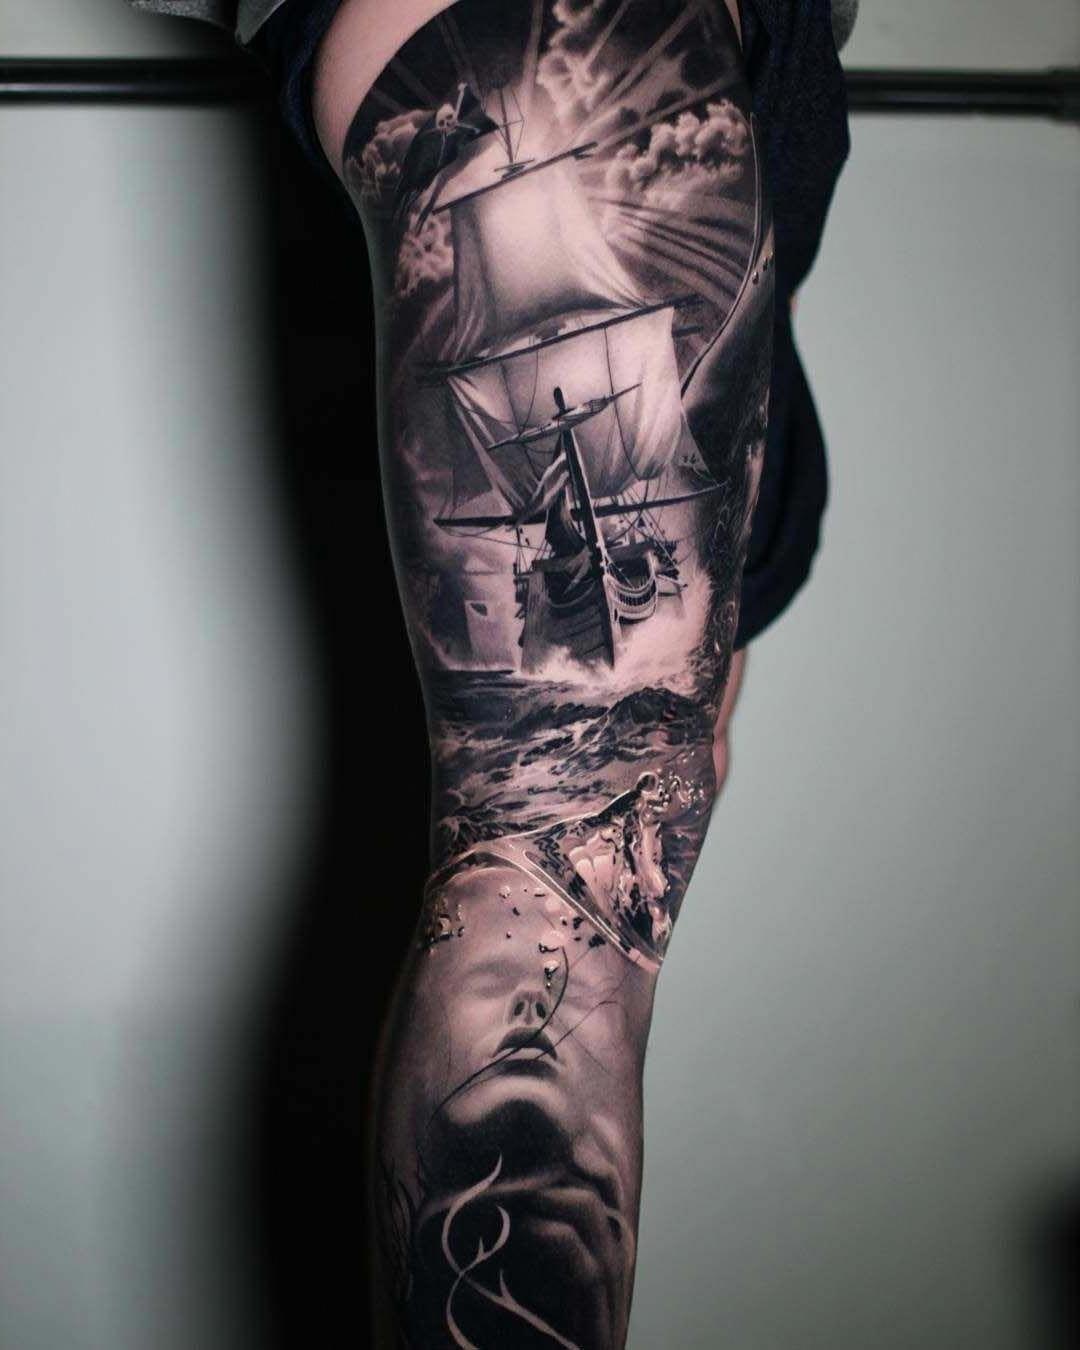 C'est plus qu'un tatouage - une œuvre d'art sur le corps.